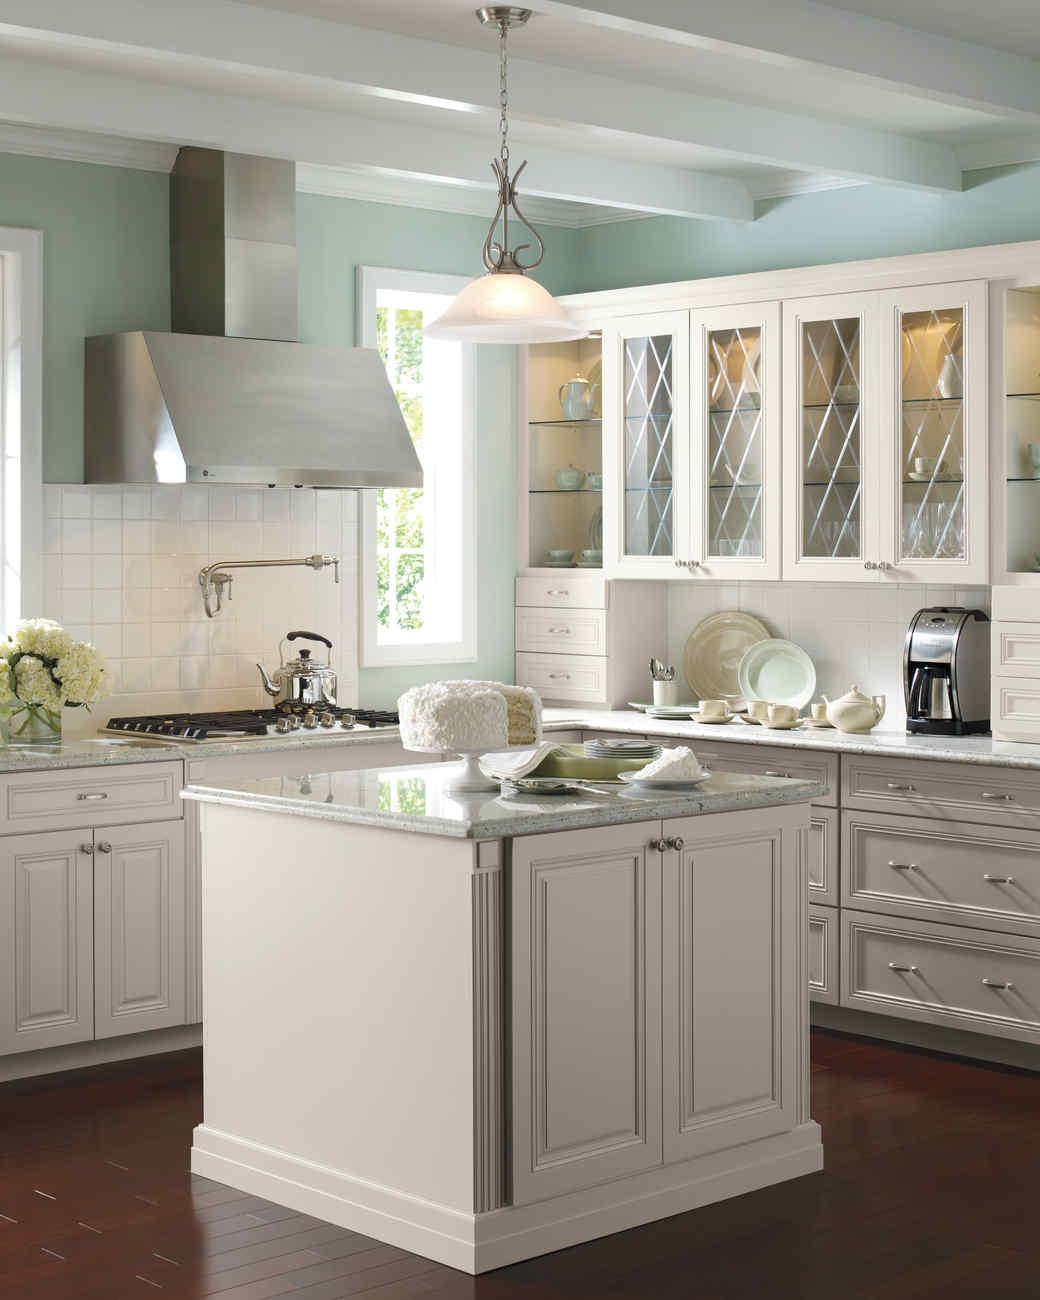 martha stewart white kitchen Select Your Kitchen Style | Martha Stewart